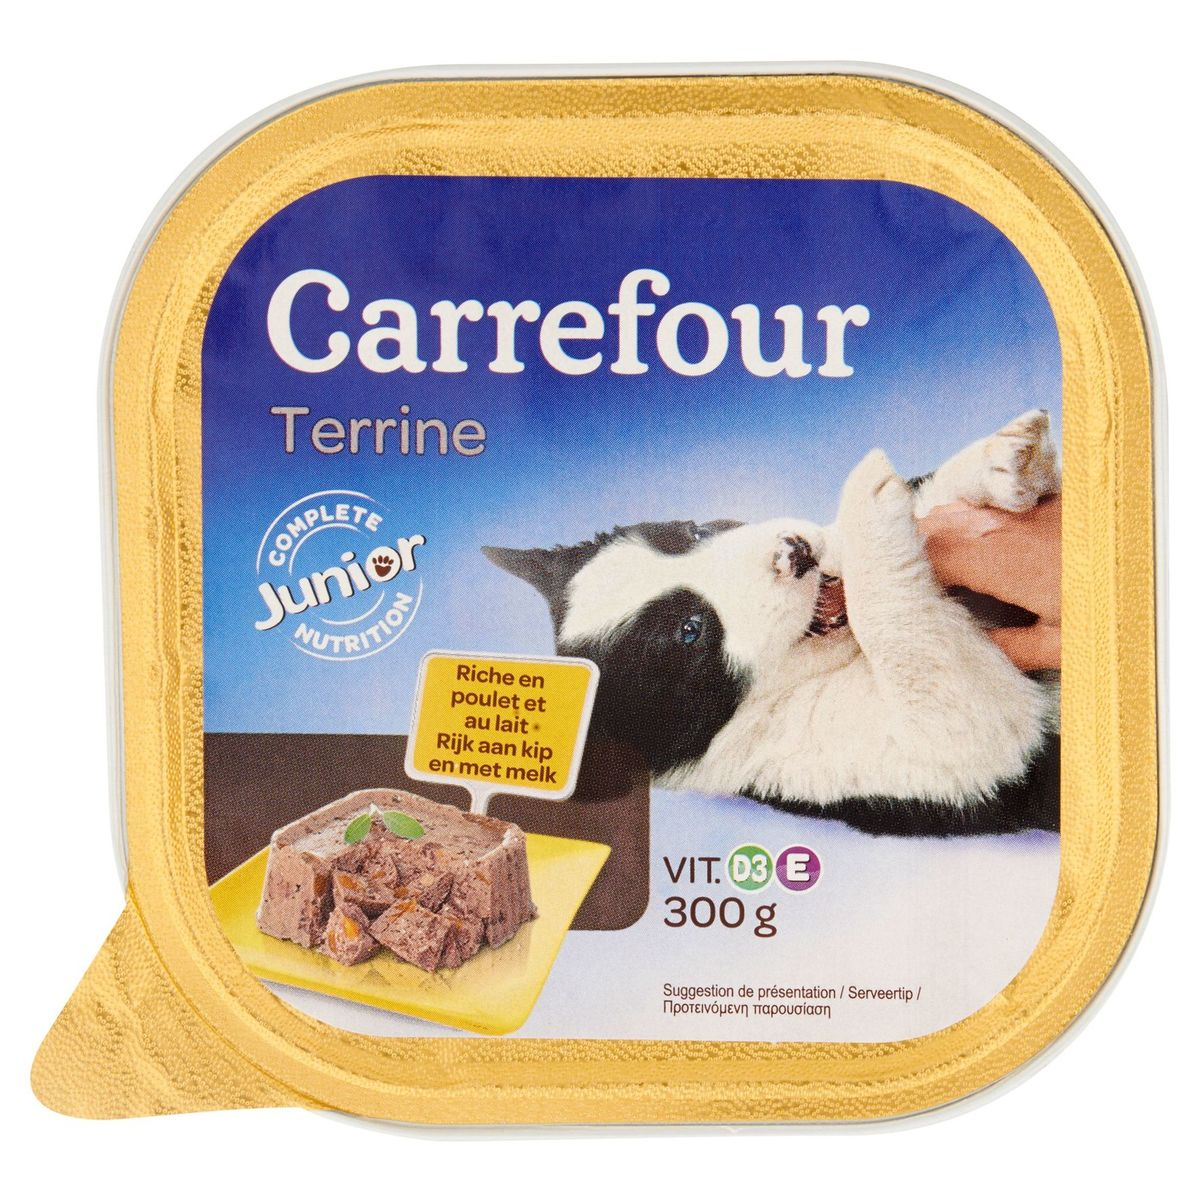 Carrefour Terrine Rijk aan Kip en met Melk 300 g